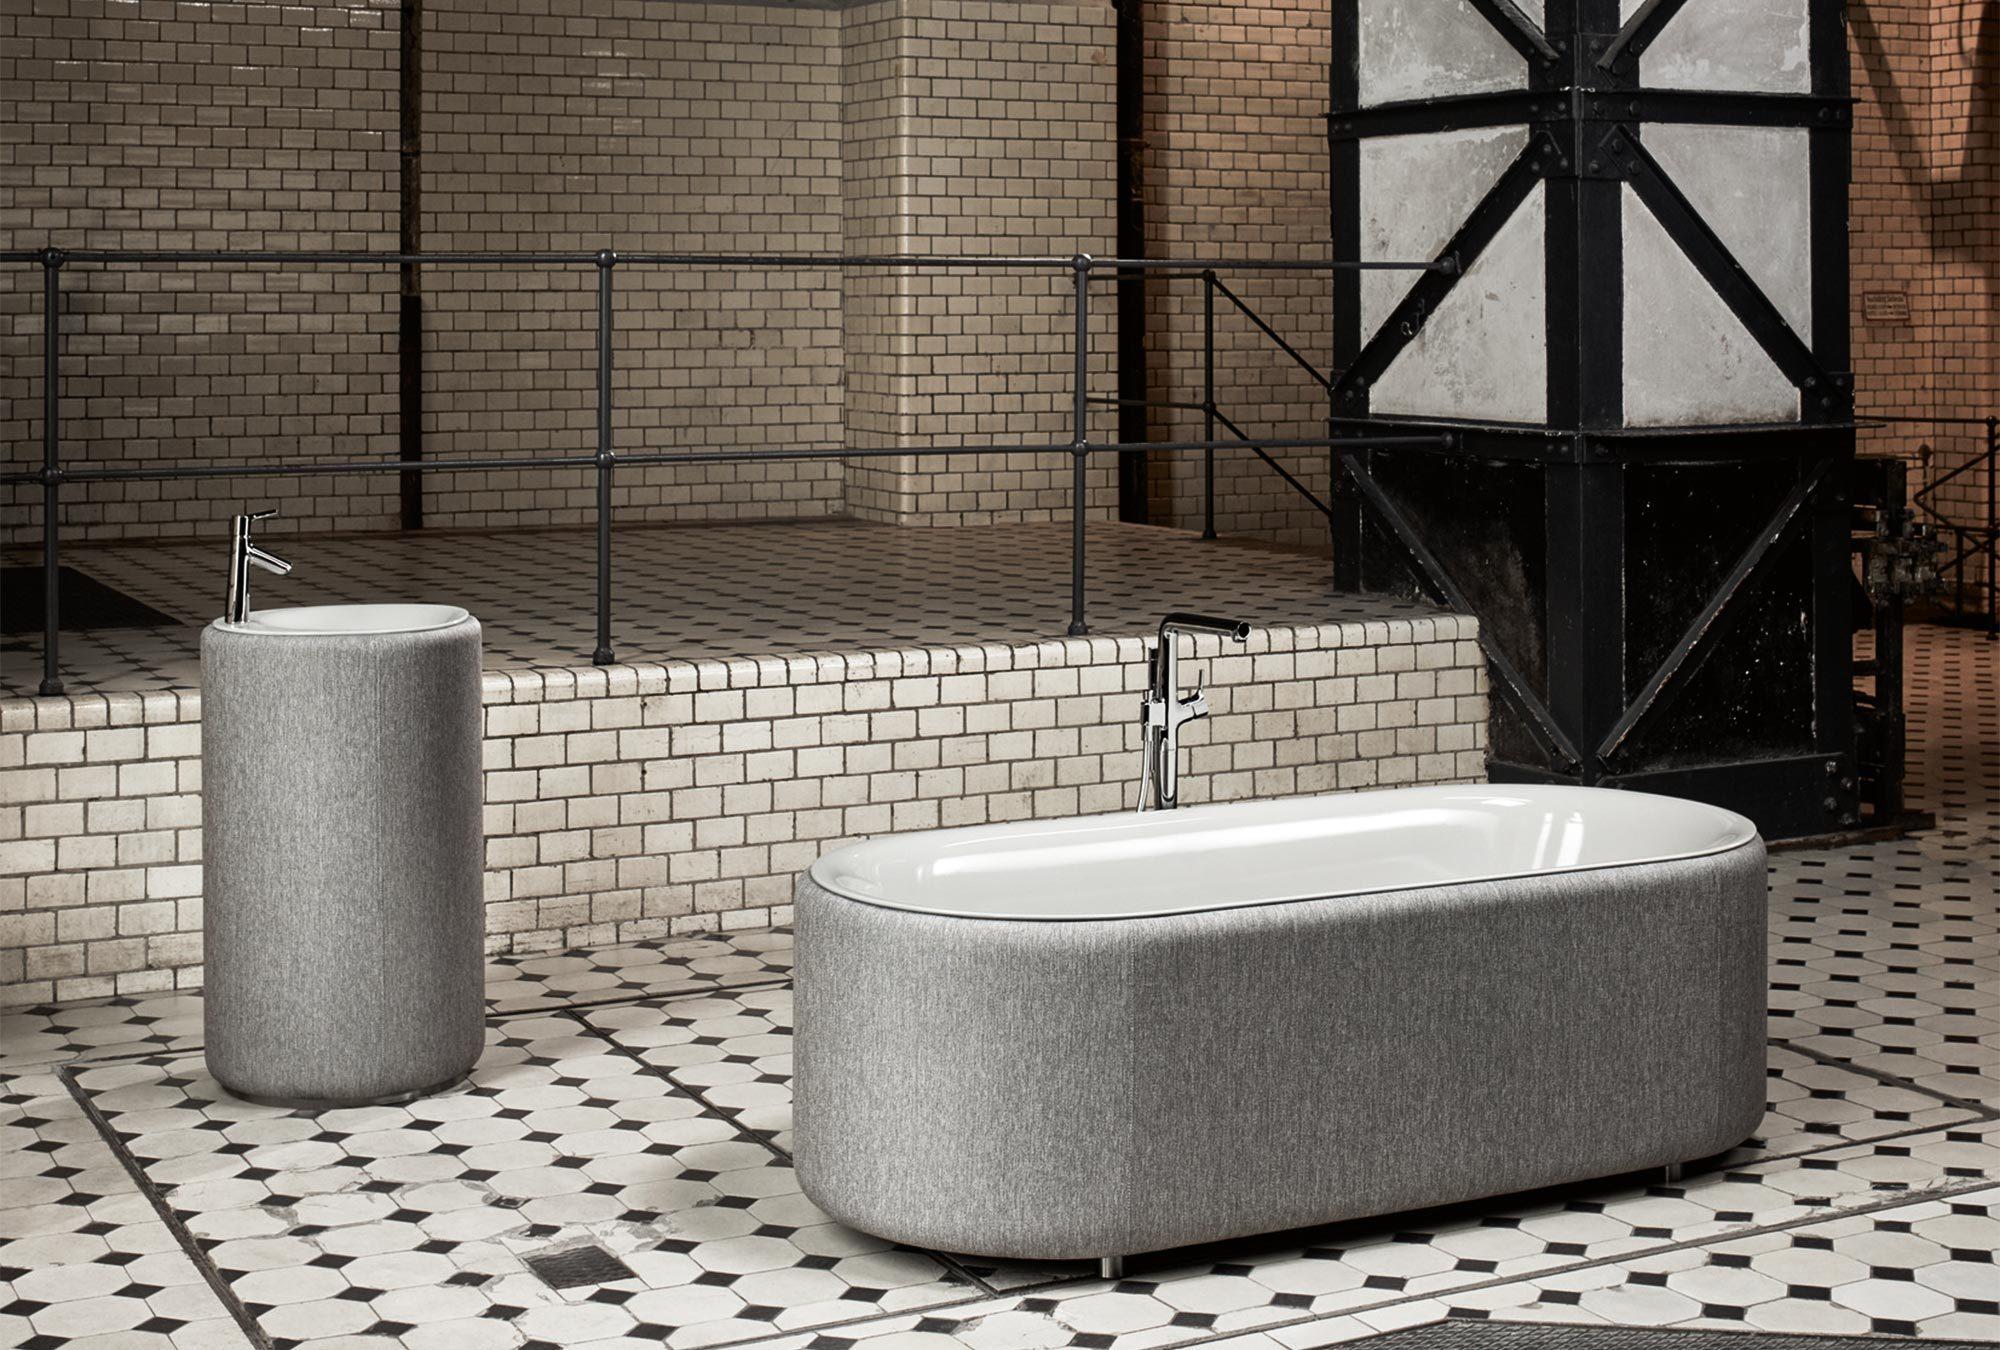 Die Kollektion bringt Wohnlichkeit ins Bad. Der Wannenkörper besteht aus glasiertem Titan-Stahl, während die Wannenschürze aus gewebtem wasser- und klimaresistentem Stoff bezogen ist.